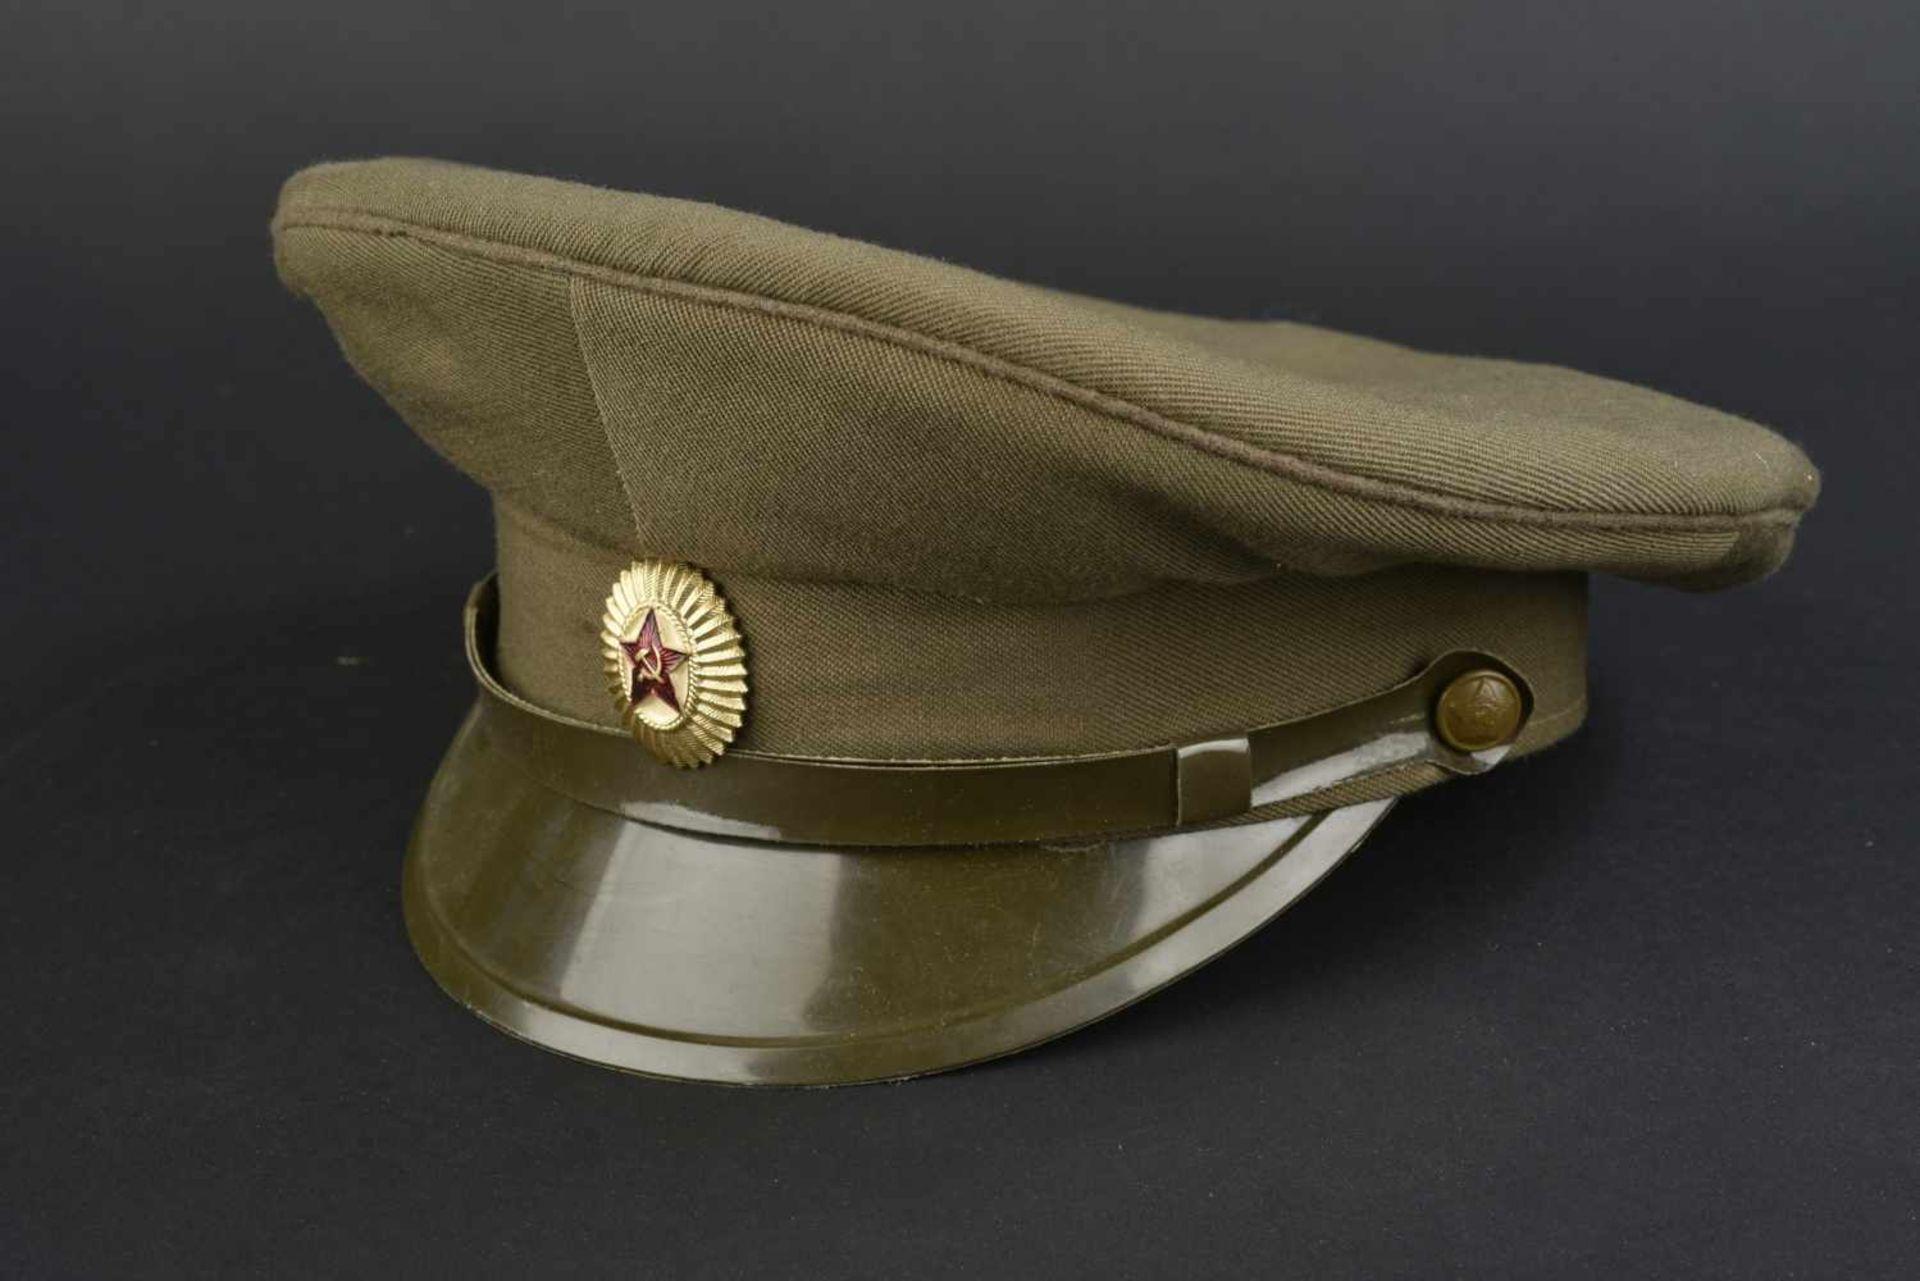 Casquette combat officier soviétique En tissu kaki, insigne métallique. Jugulaire complète. - Bild 2 aus 4